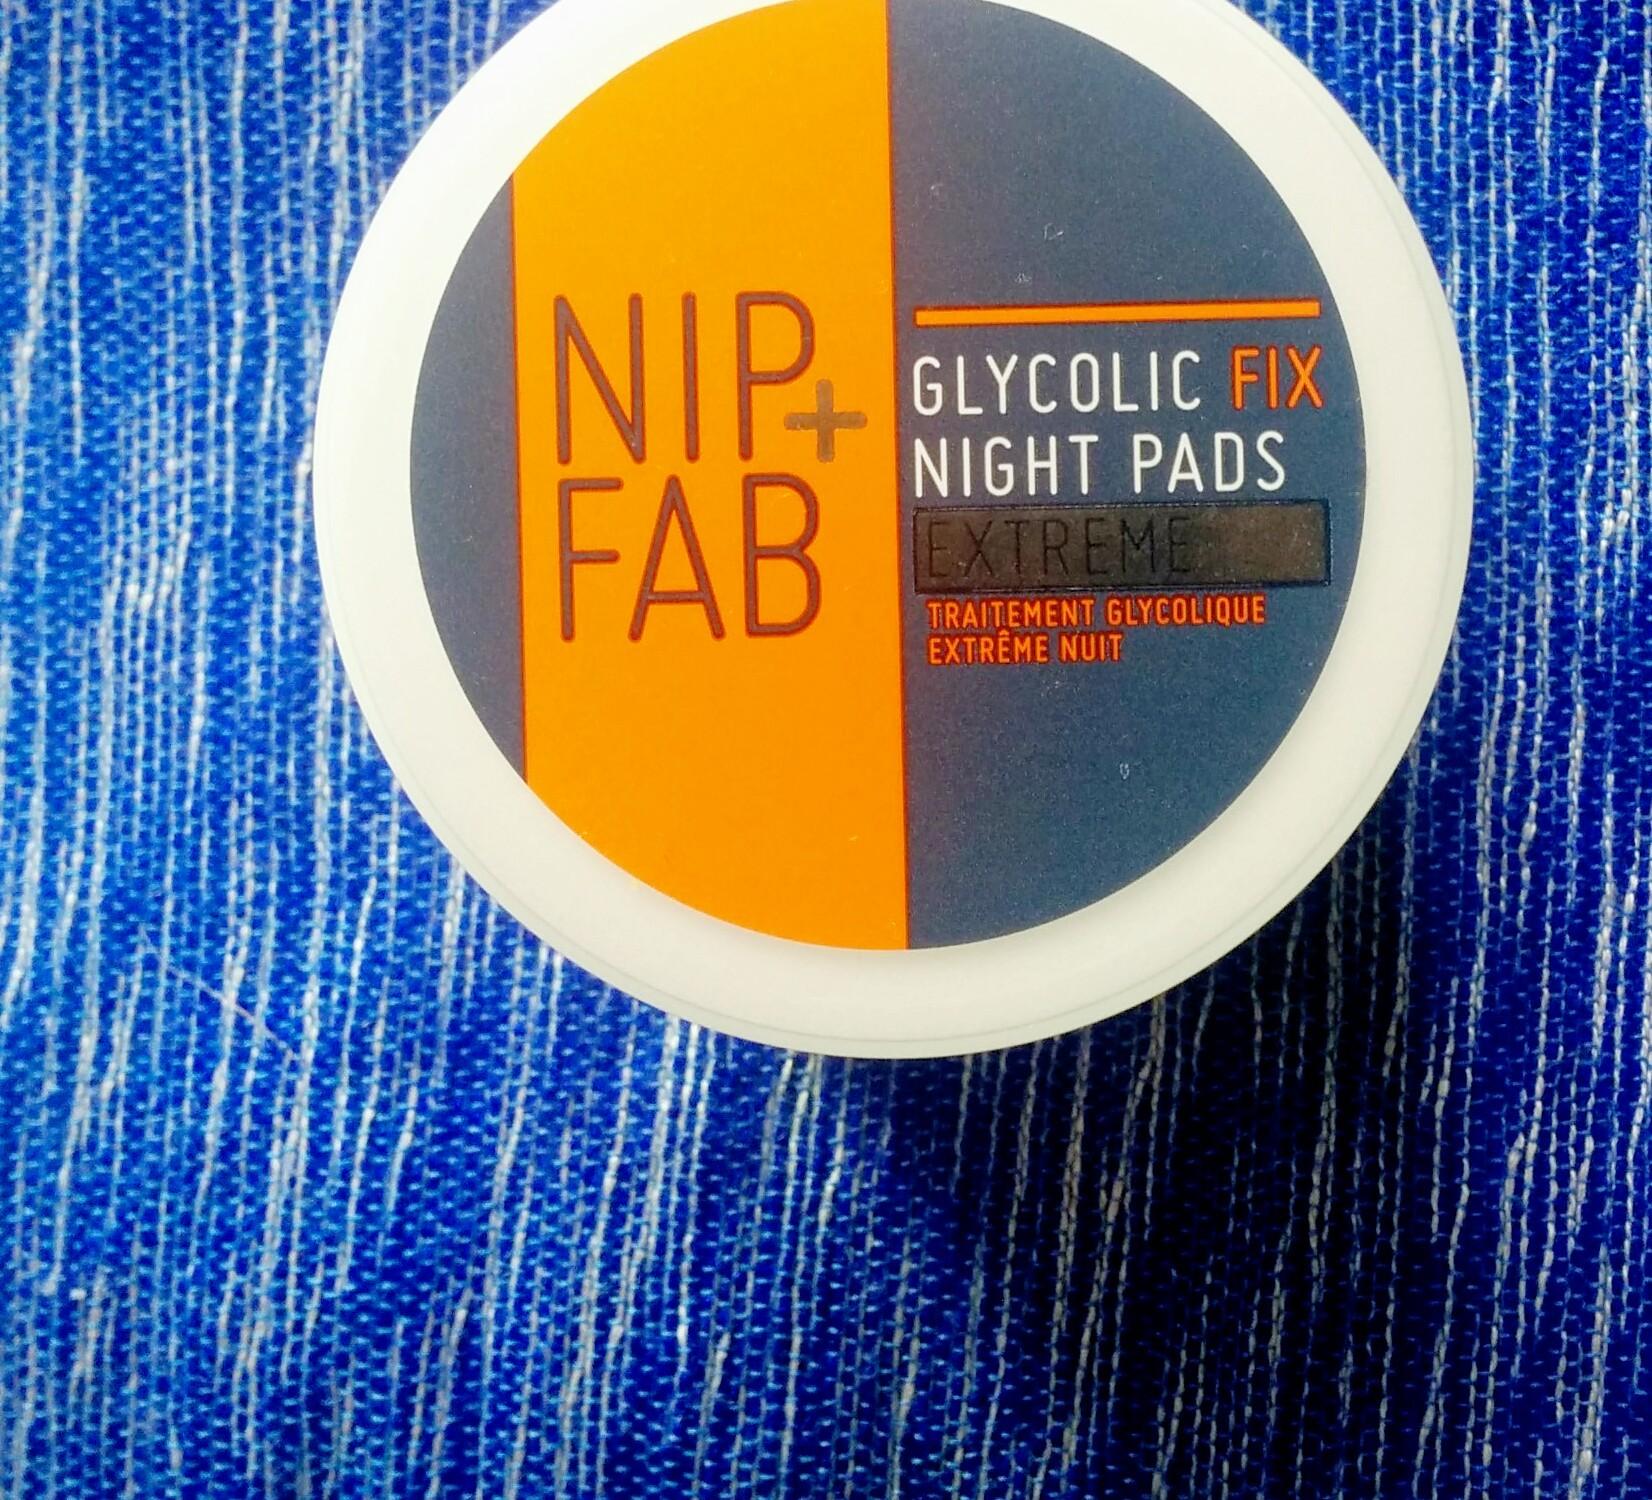 Nip+Fab Glycolic Extreme night pads